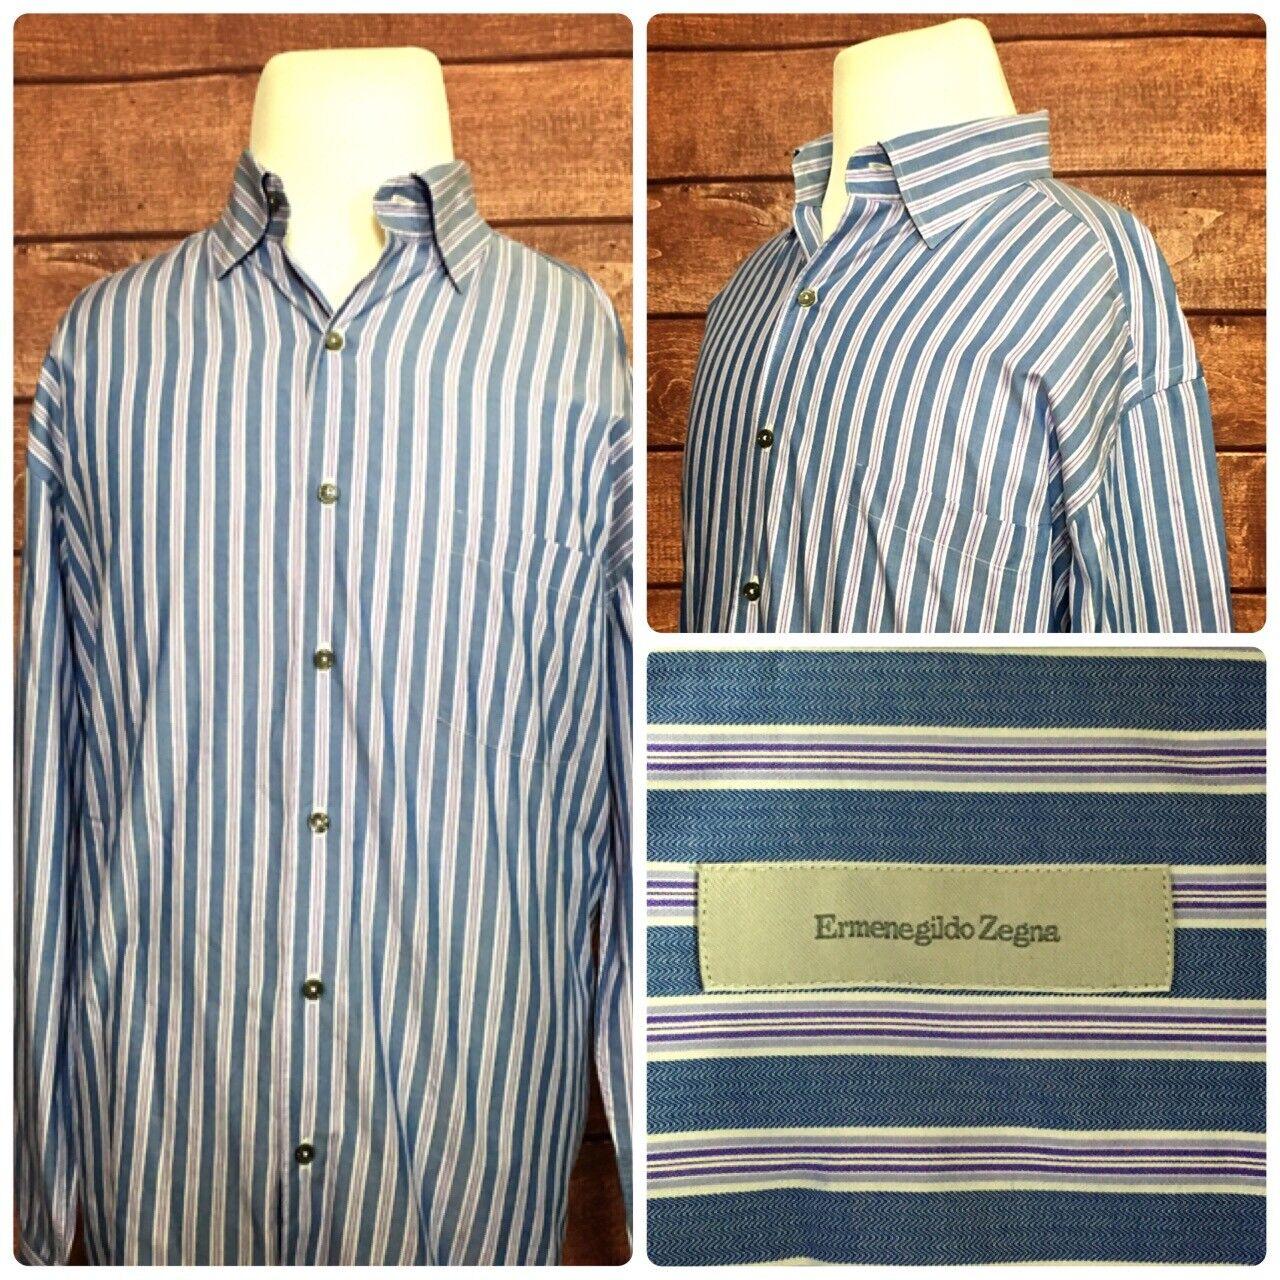 e30b302aa Mens Shirts L S bluee Purple White Striped Size XL Zegna Ermenegildo ...